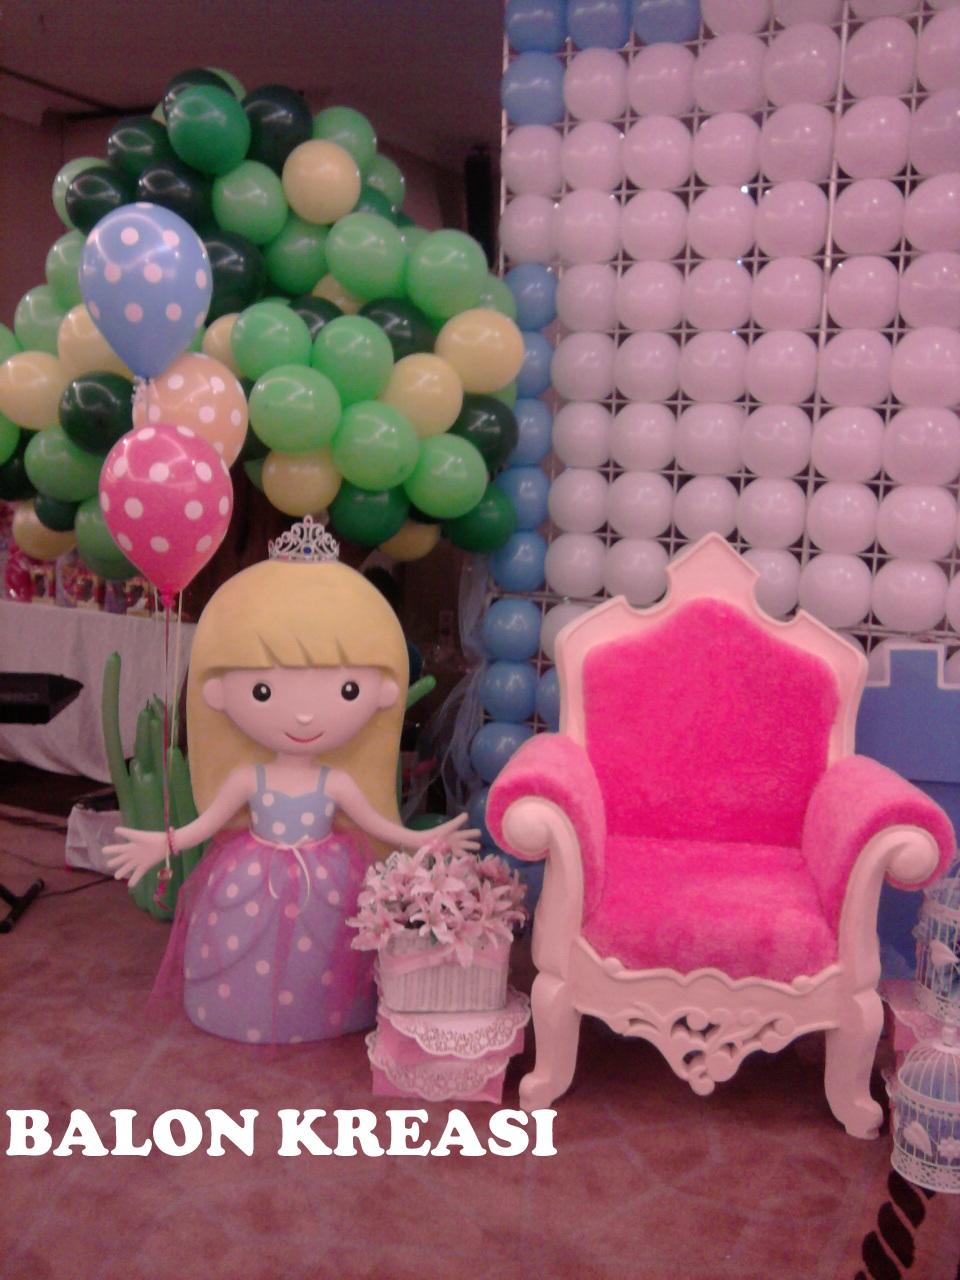 Balon kreasi dekorasi balon for Dekor kamar hotel buat ulang tahun